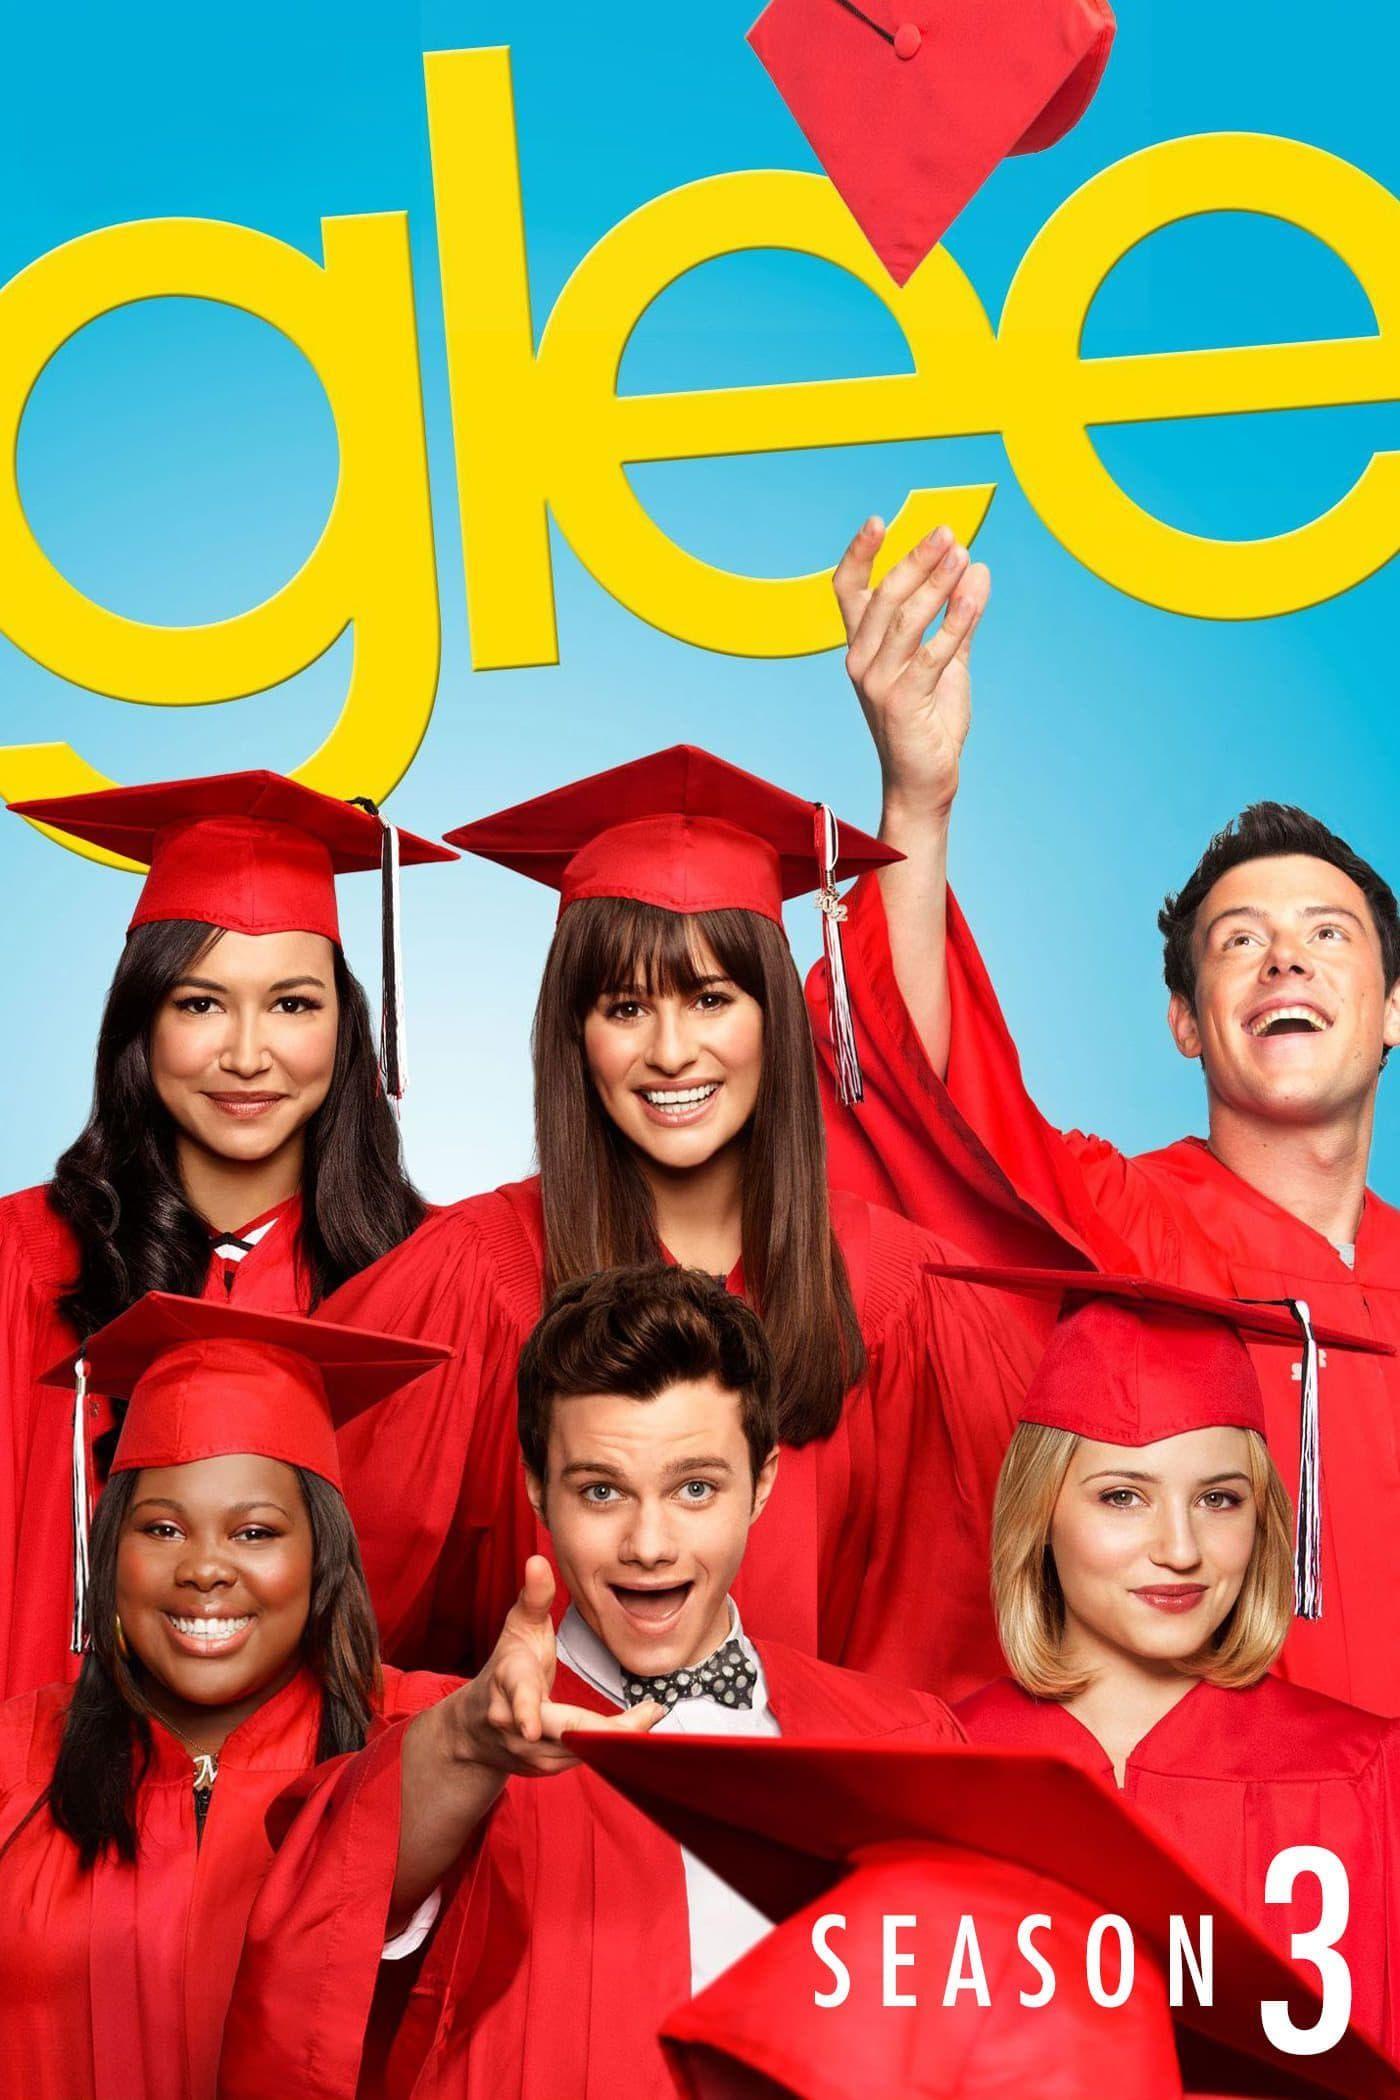 Random Best Seasons of 'Glee'